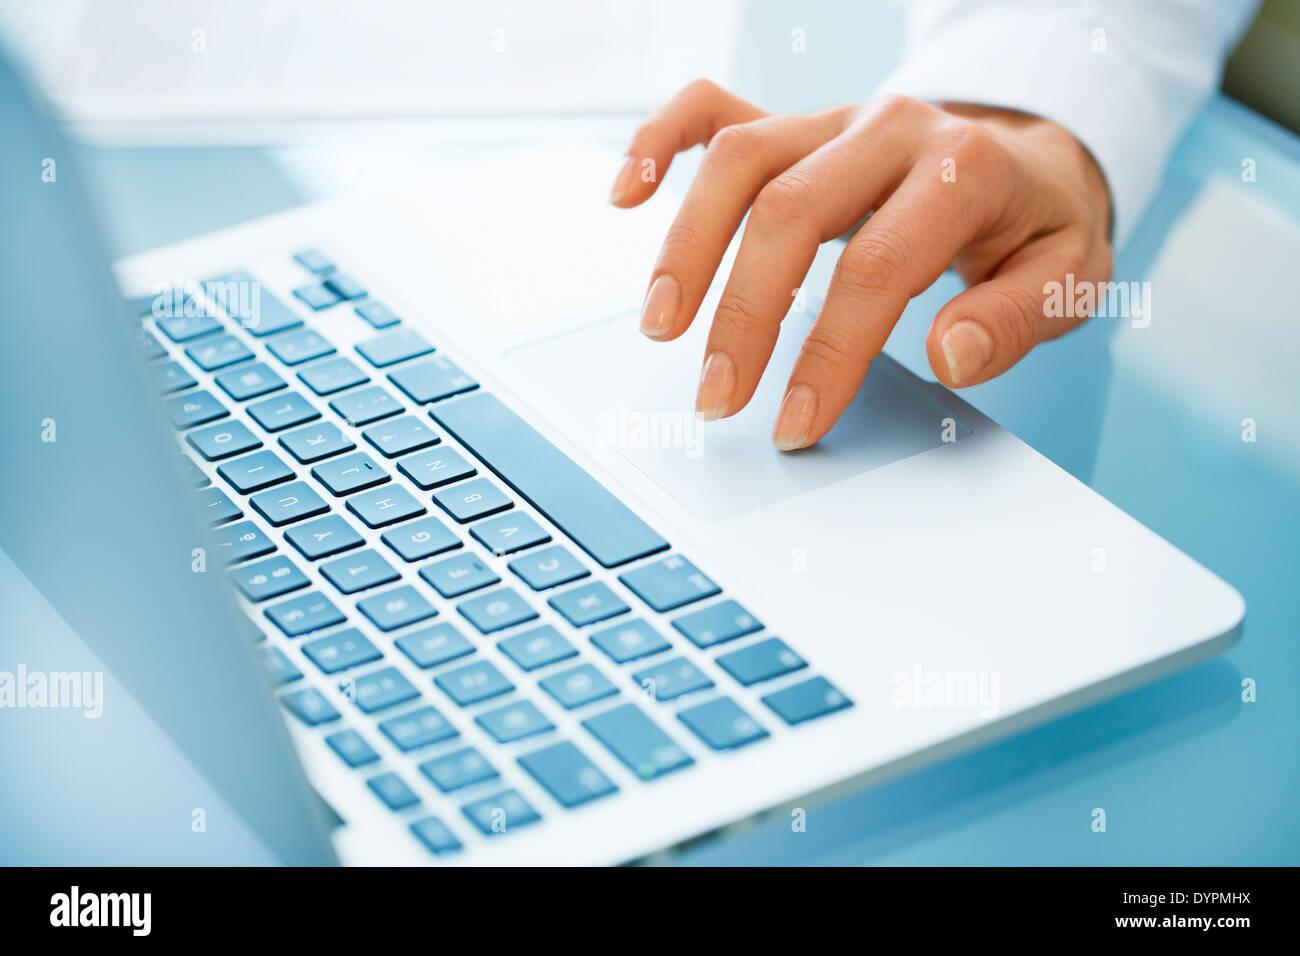 Close-up di mano Donna che utilizza un computer portatile Immagini Stock